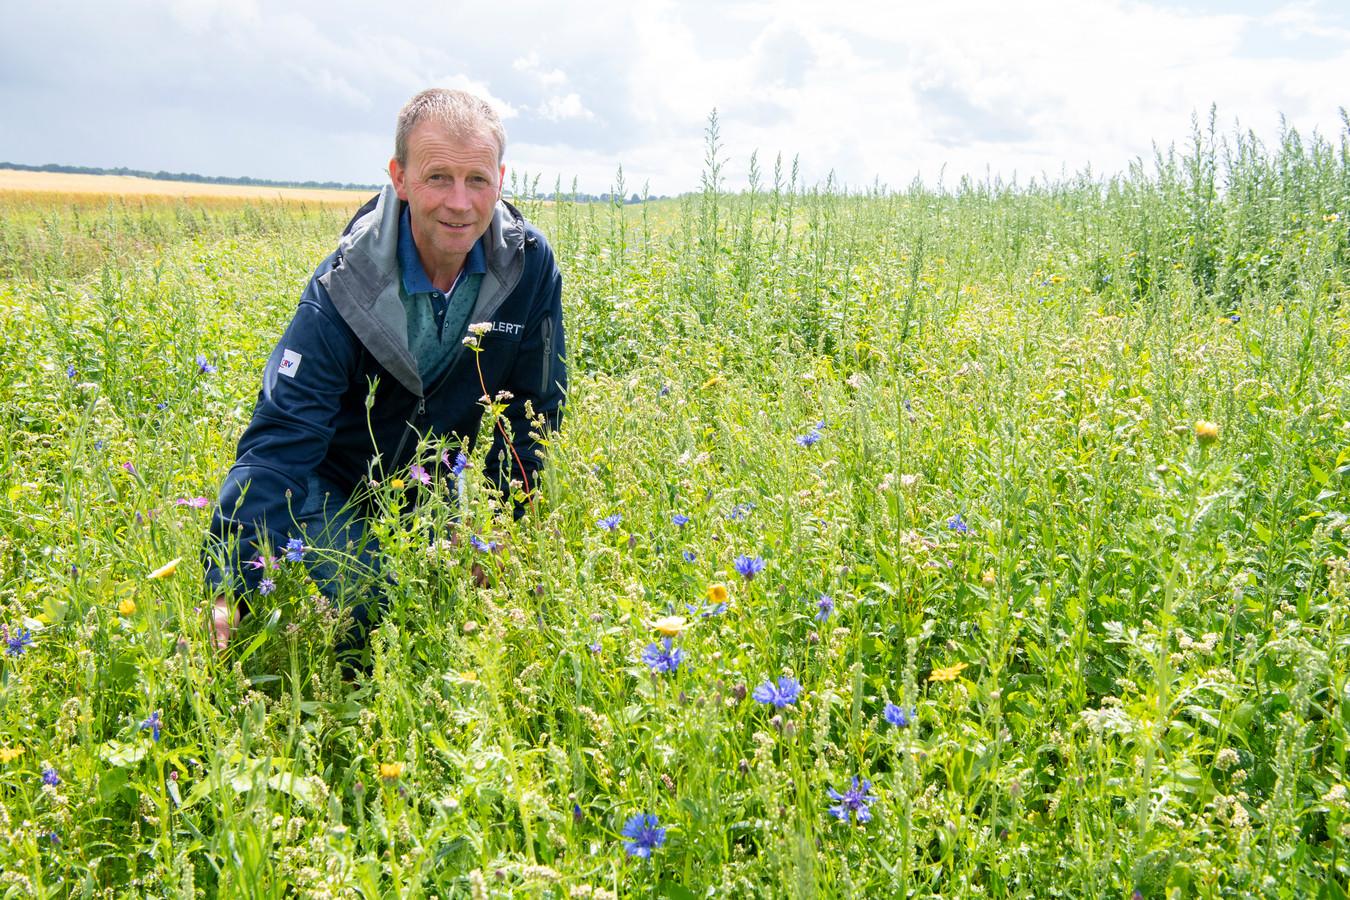 Paul ter Haar is boer, maar helpt ook akkervogels. Delen van zijn perceel zijn met planten en bloemen ingezaaid die aantrekkelijk zijn voor insecten.